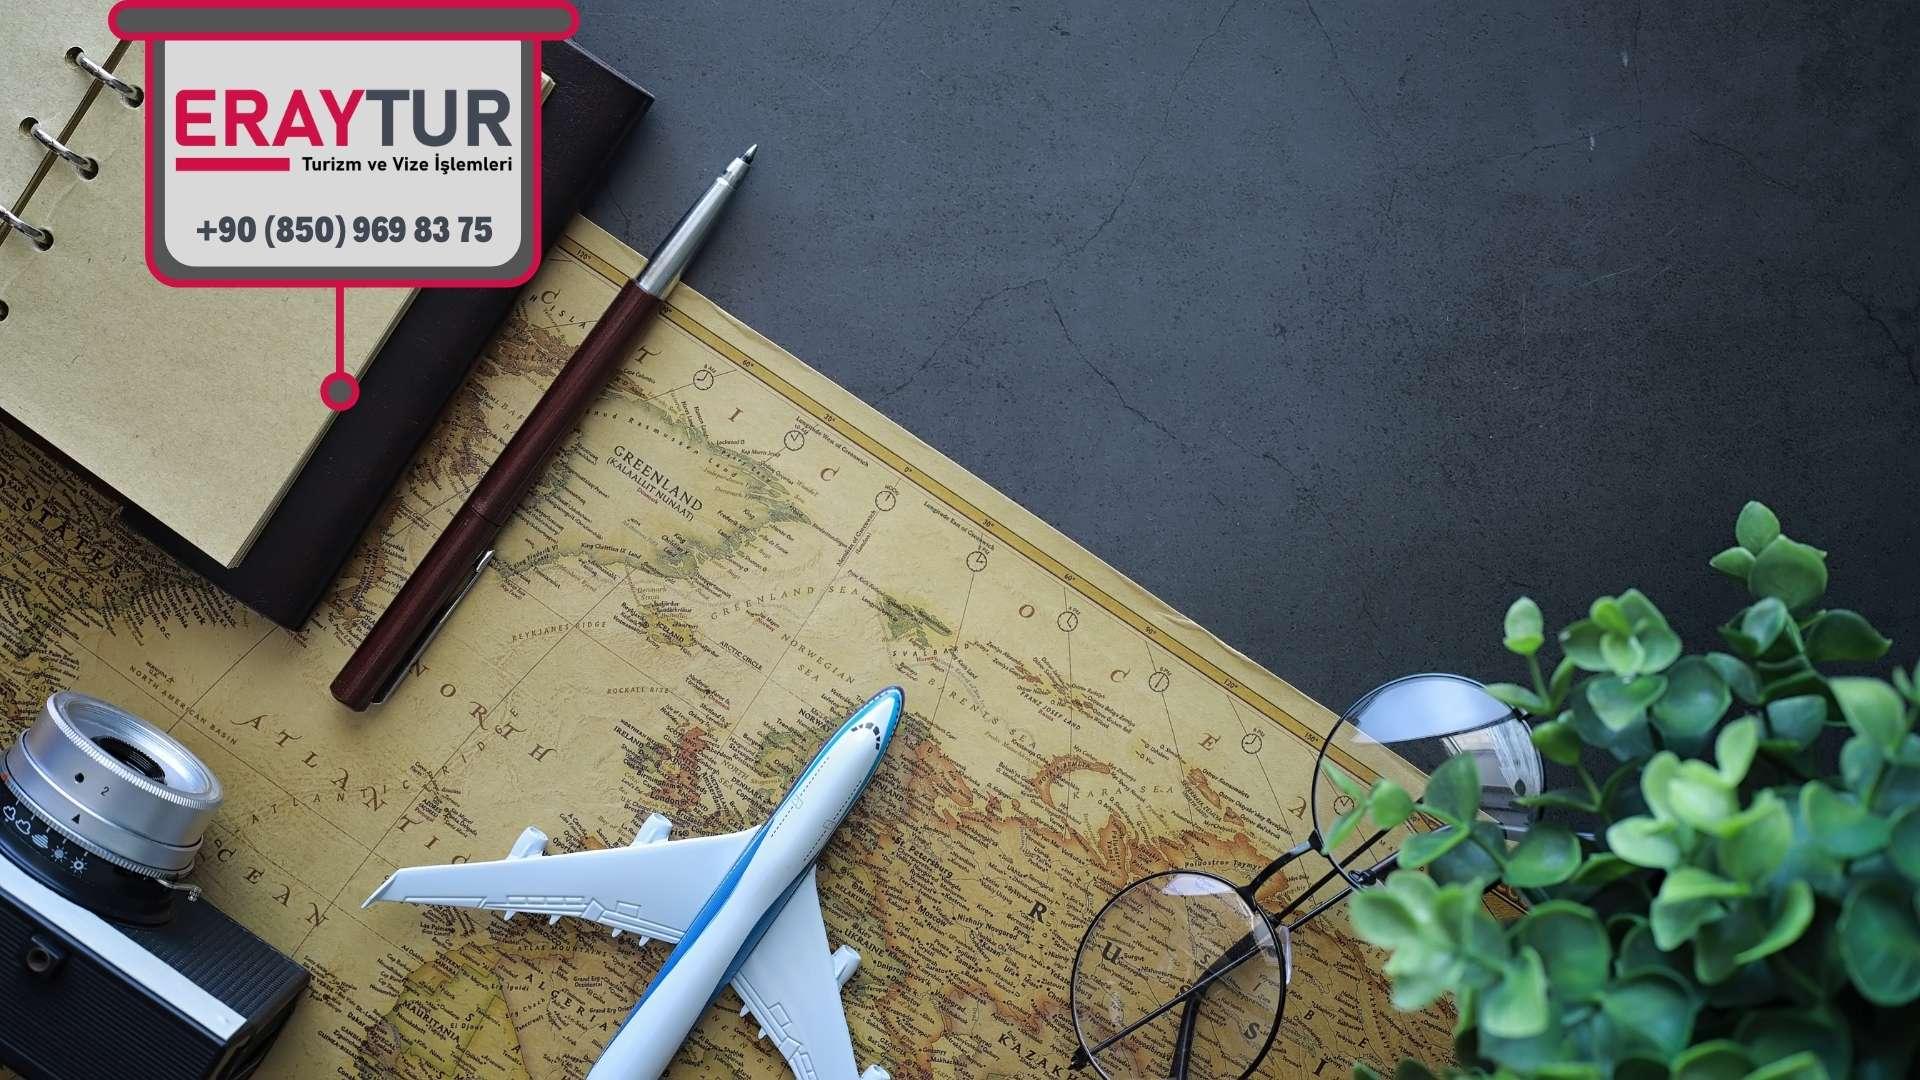 Global Vize Hizmetleri - Vize İşlemleri